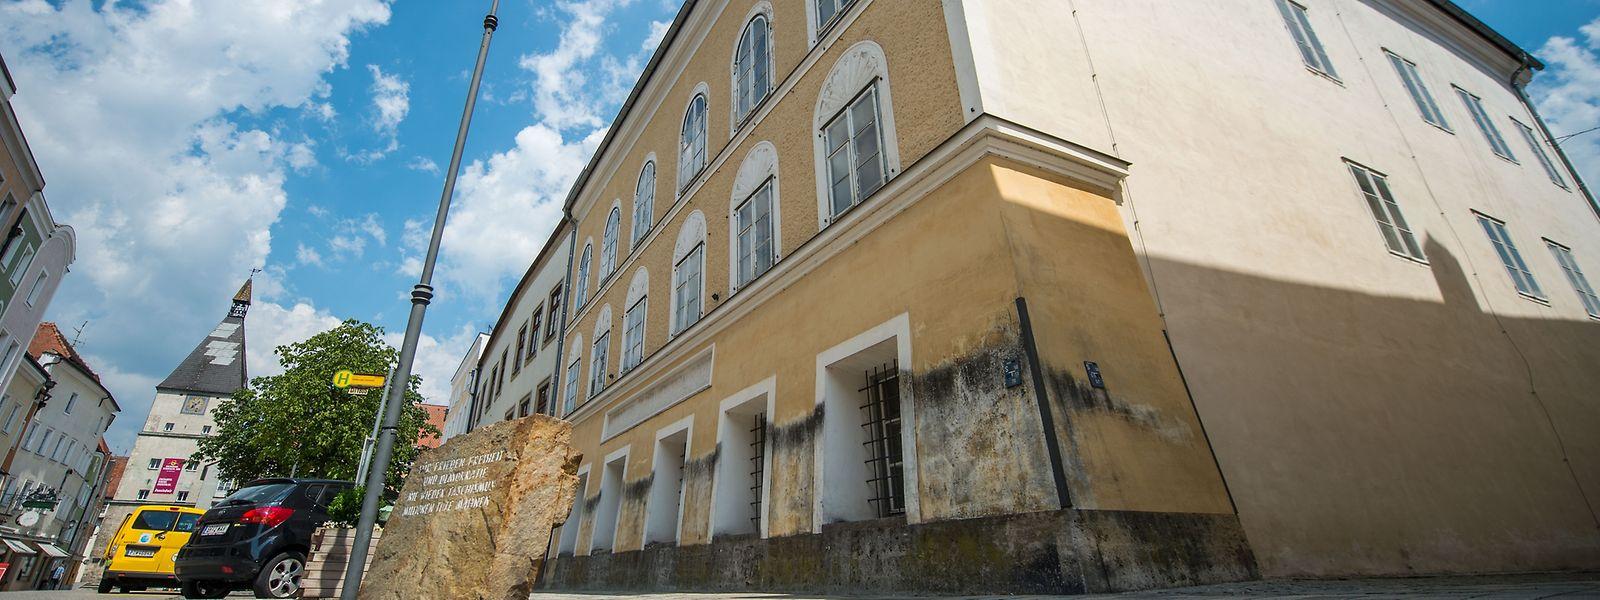 Das Geburtshaus von Adolf Hitler in Braunau am Inn.